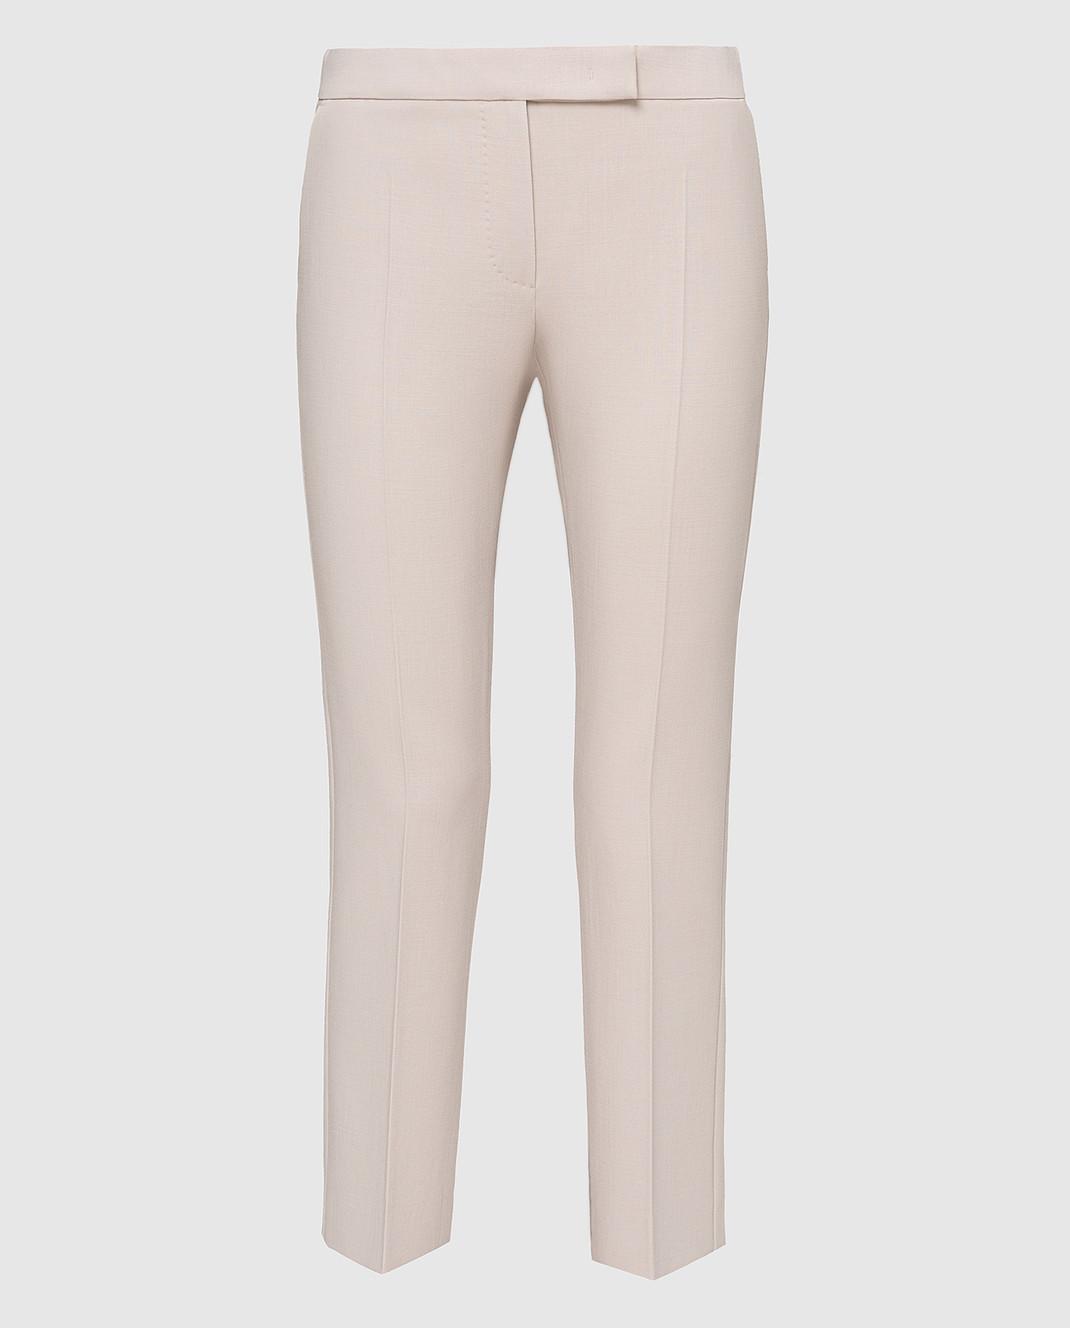 Max Mara Светло-бежевые брюки из шерсти OSTILE